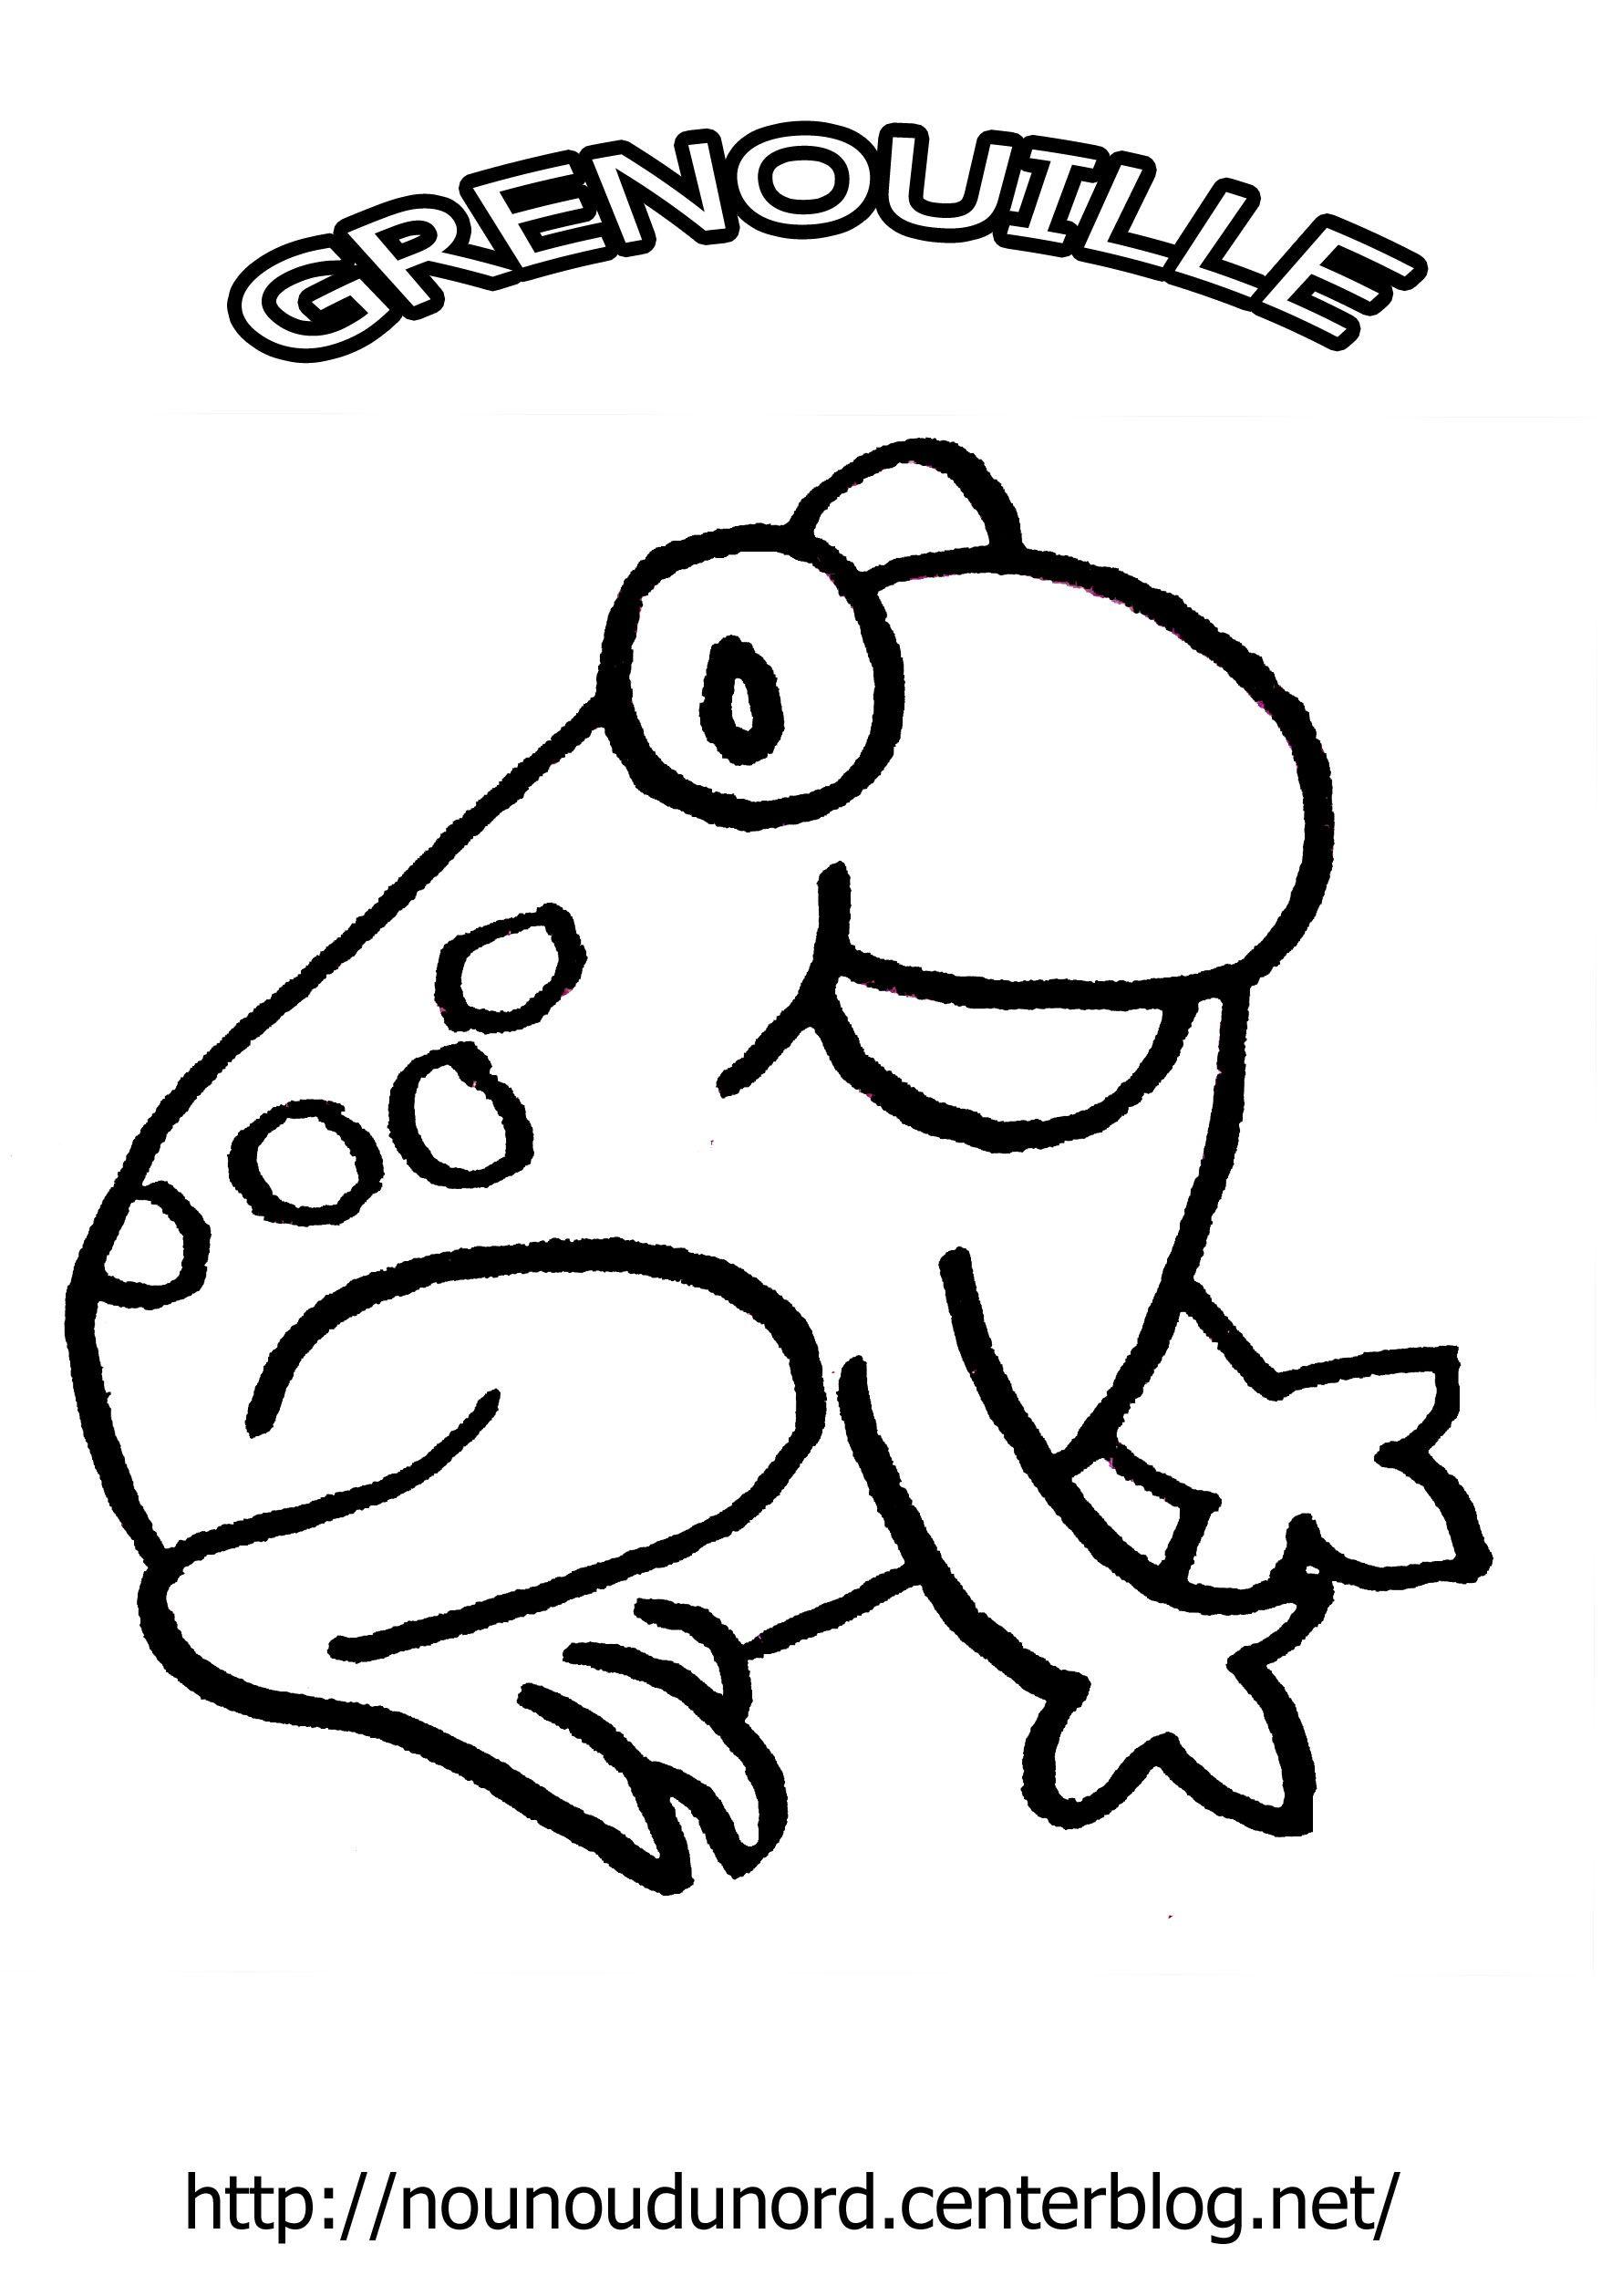 Coloriage grenouille pour maternelle 20